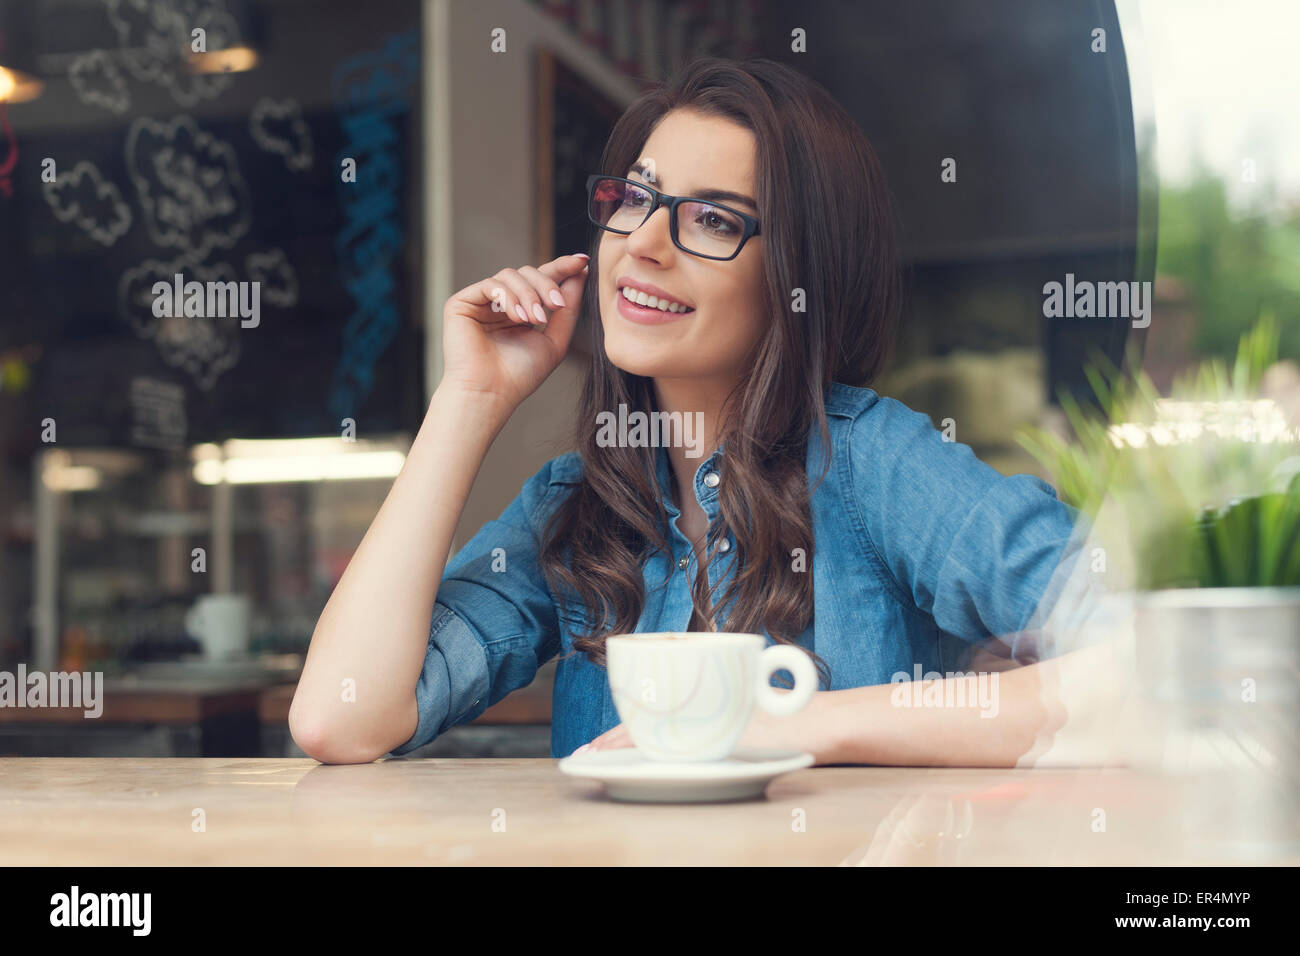 Bella donna che indossa gli occhiali di moda presso il cafe. Cracovia in Polonia Immagini Stock